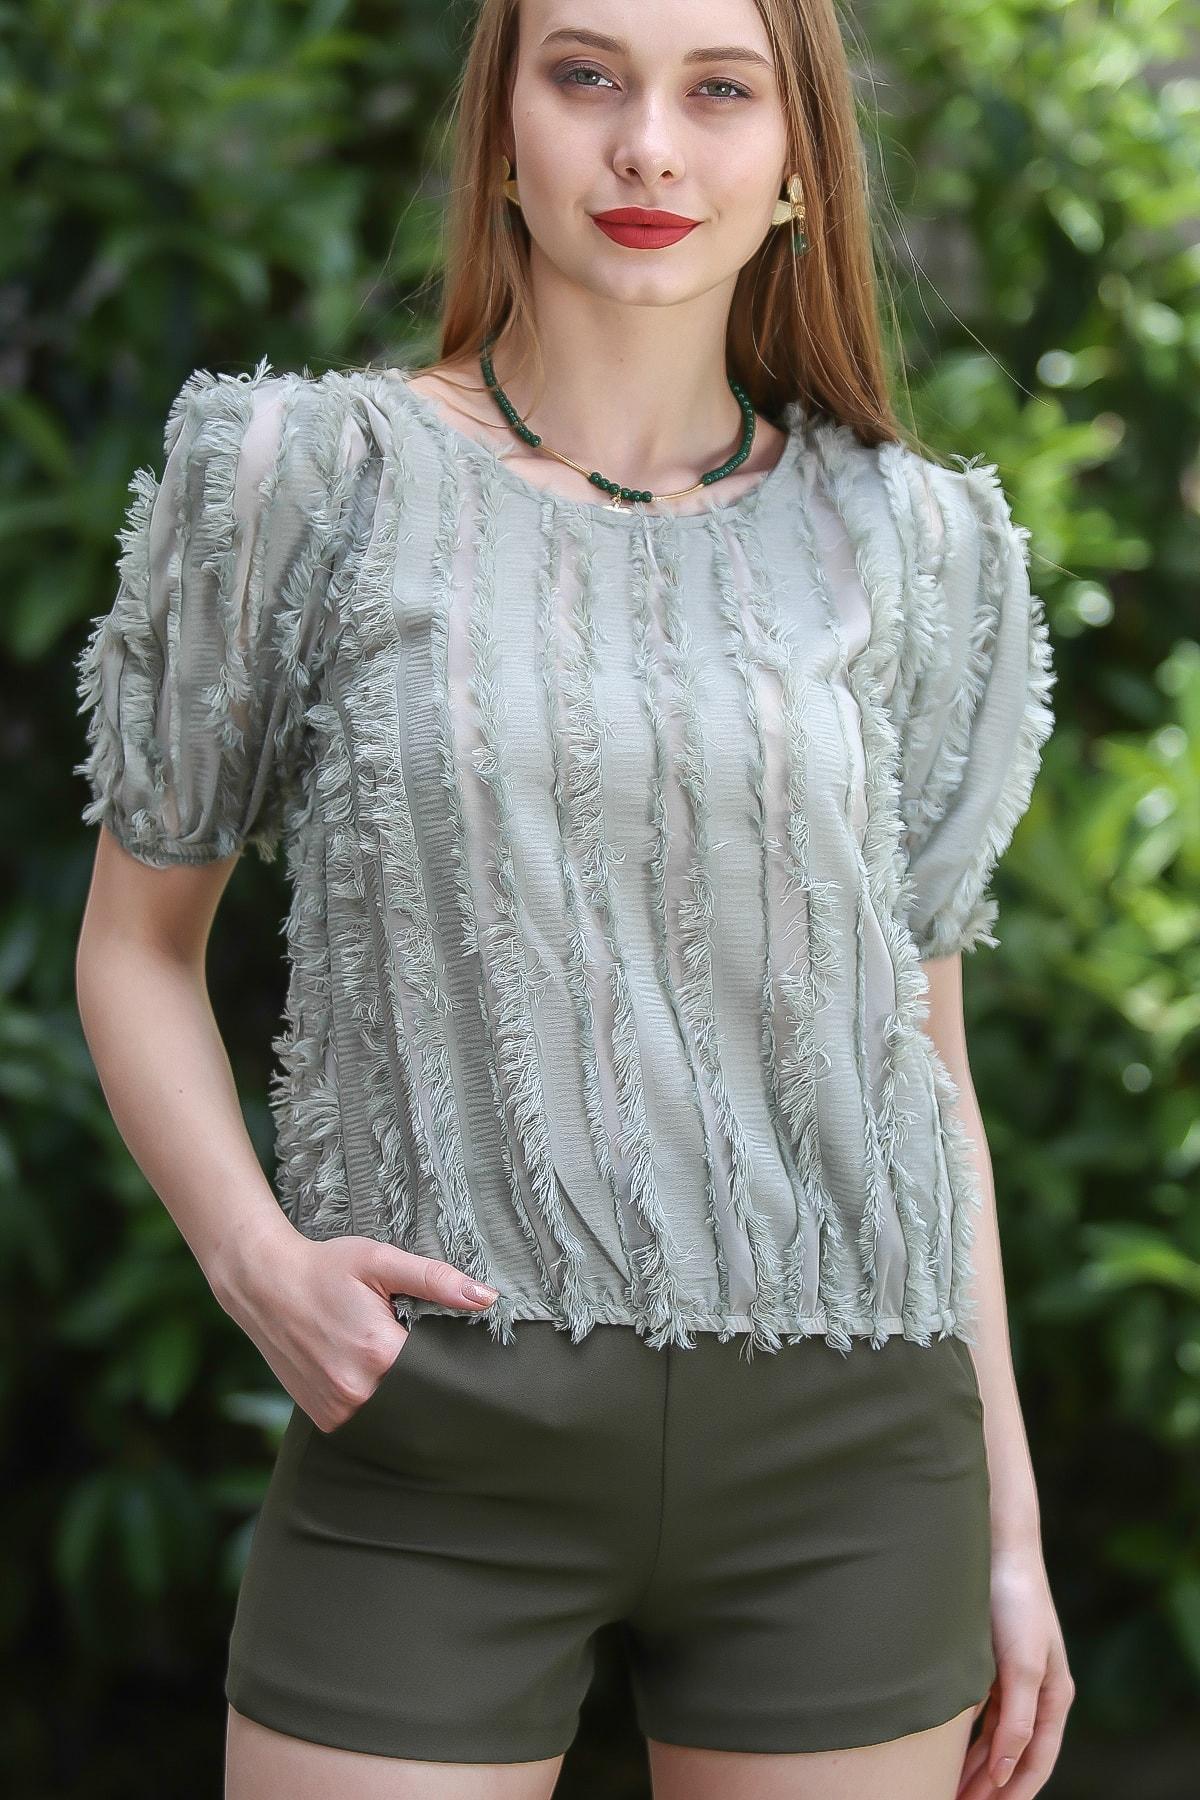 Chiccy Kadın Nil Yeşili Vintage Sakallı Şeritli Beli Lastikli Karpuz Kol Bluz M10010200Bl96212